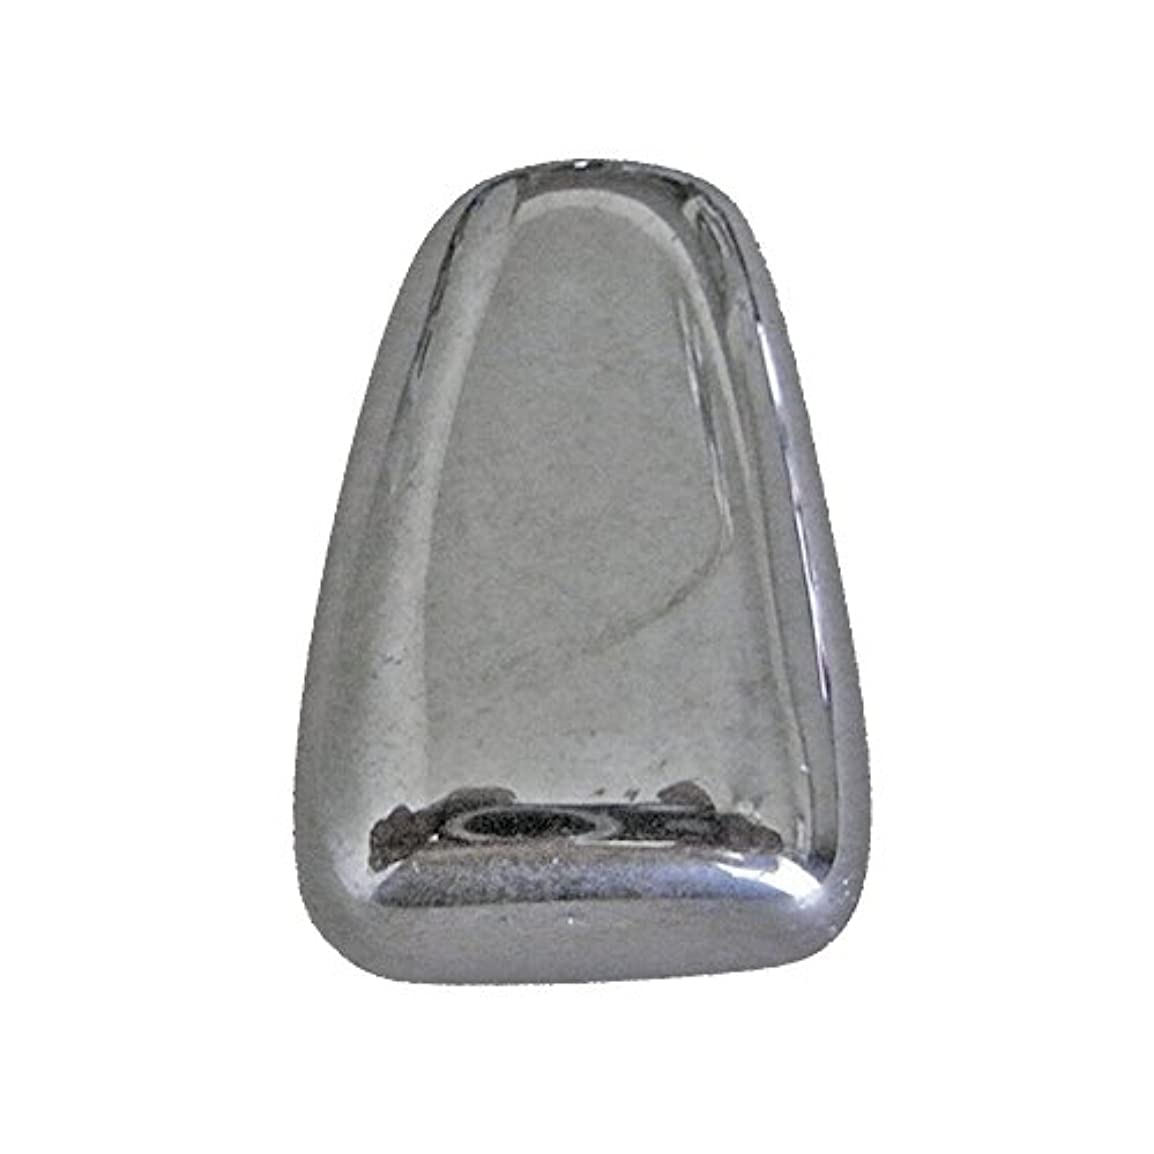 抵抗力があるセンサー主人Natural Pure ドクターノバリア テラヘルツ ソニックストーン1個用 リフトアップ&小顔対応 50~55g前後本物の証